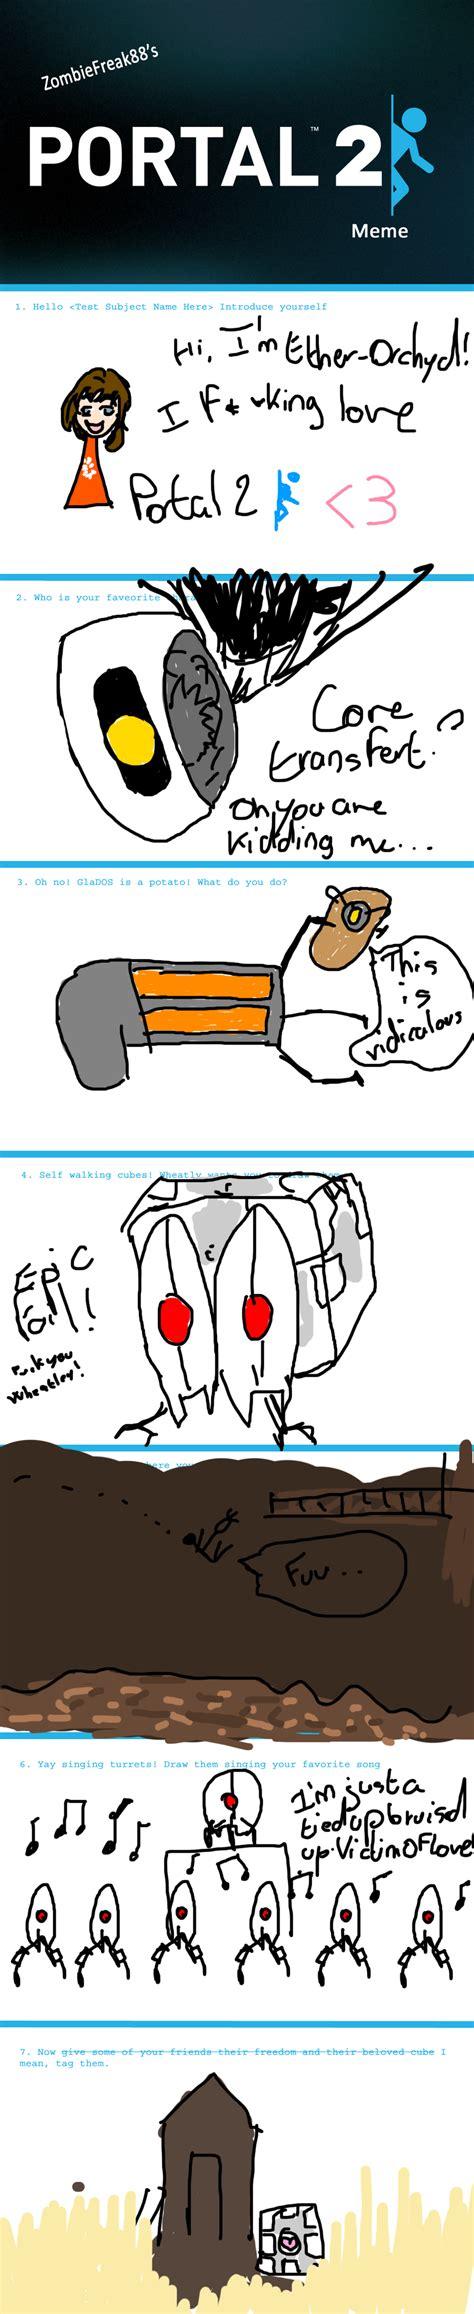 Portal 2 Meme2 By Etherorchyd On Deviantart